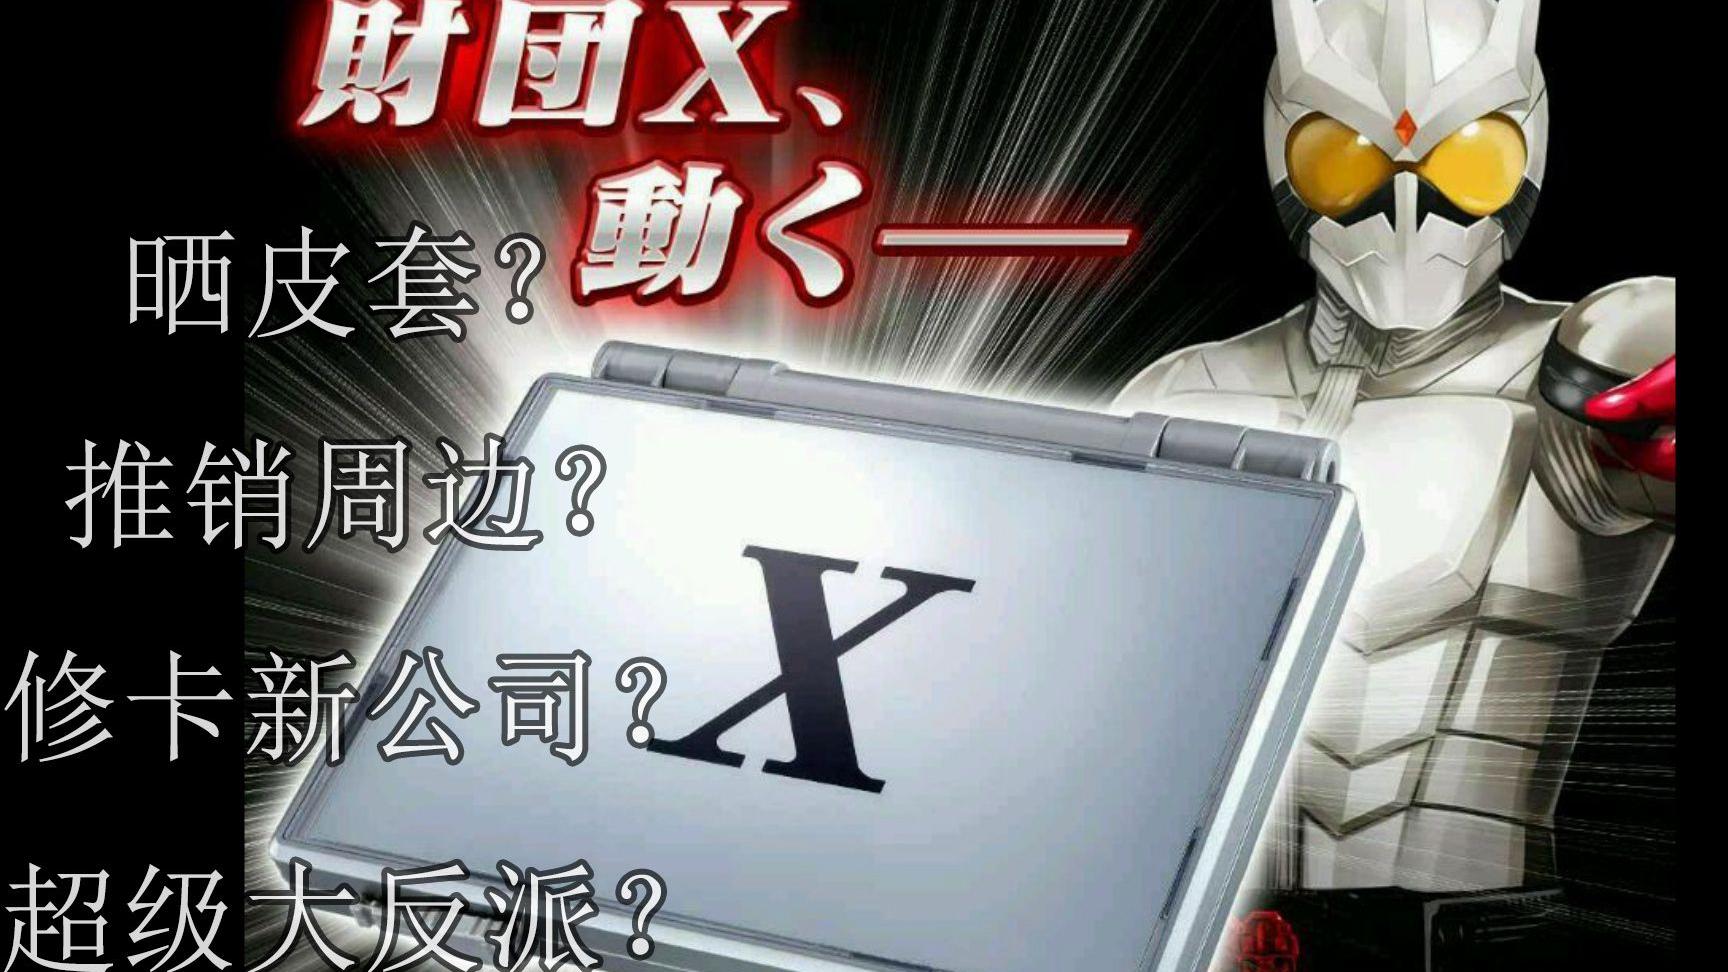 【特摄杂谈】畅所欲言-过度解读财团X